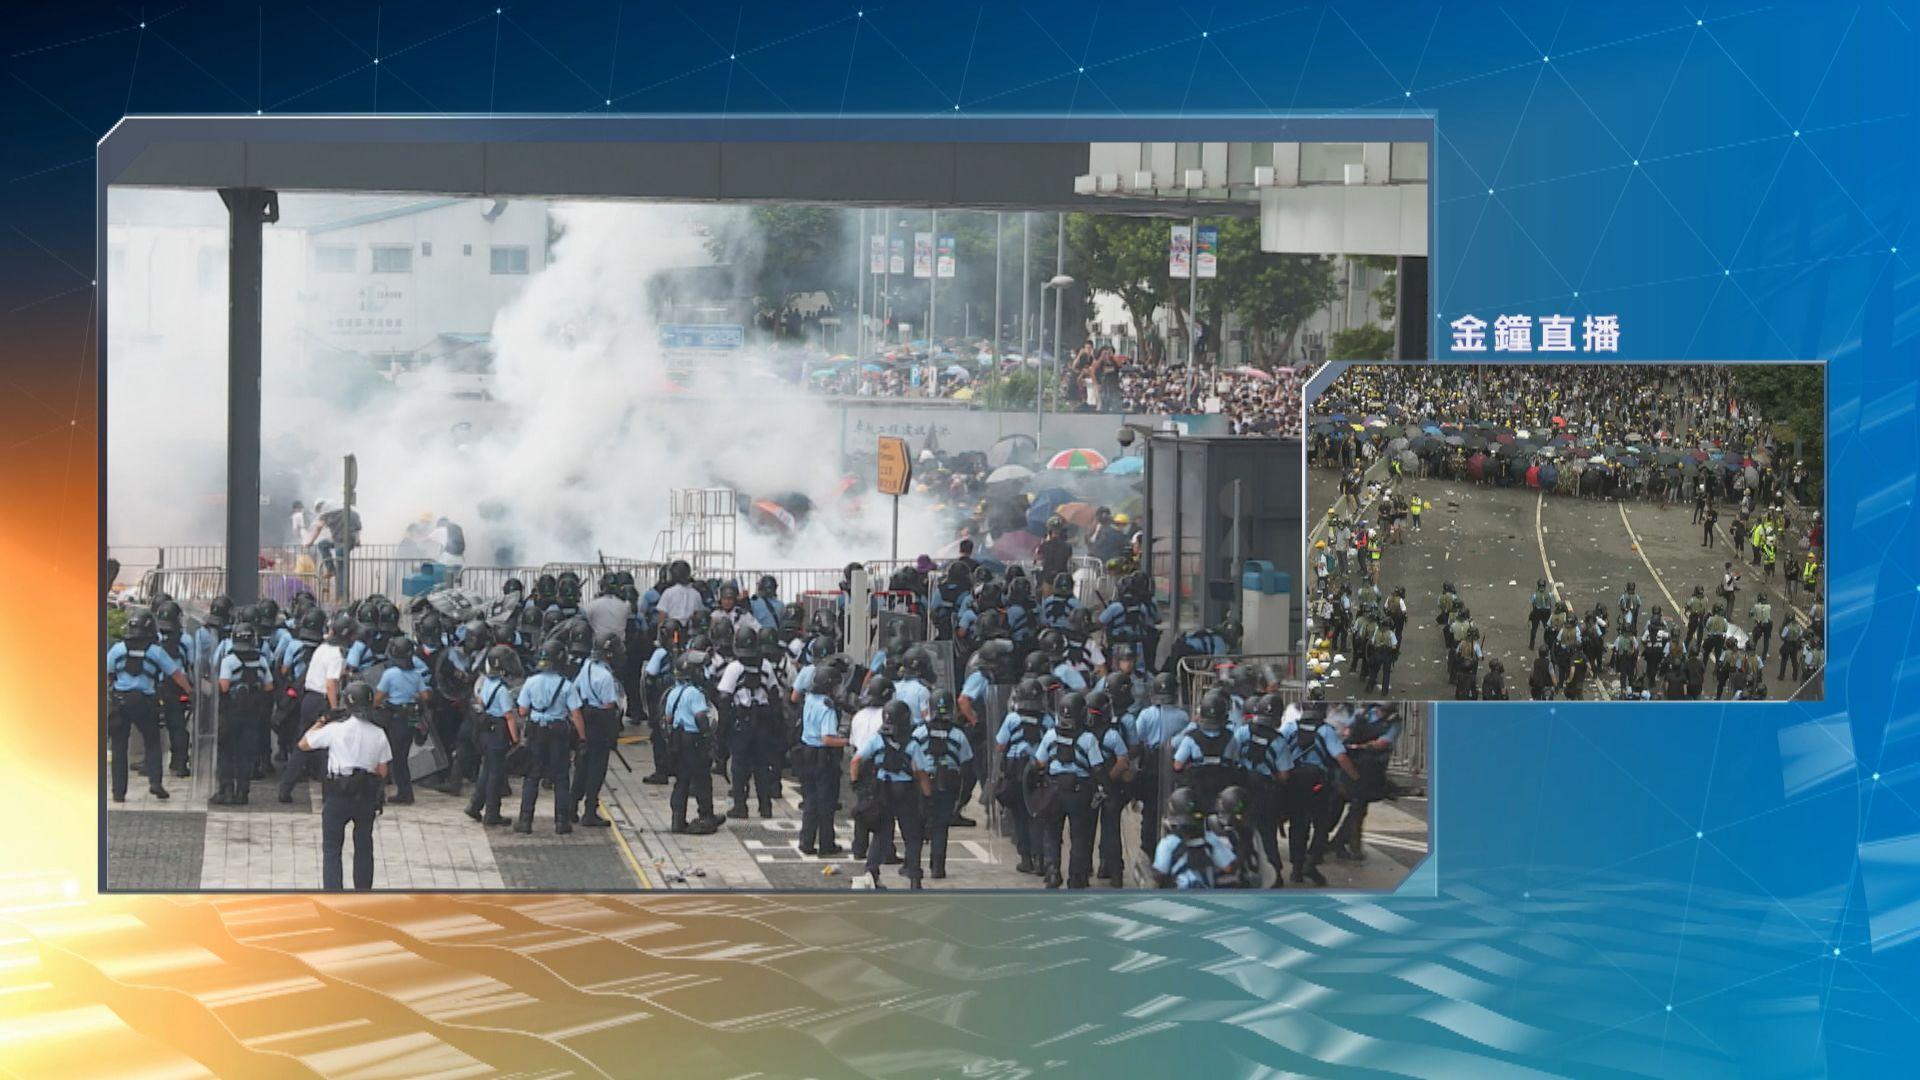 警員立會大樓內戒備 示威者和警員均有受傷